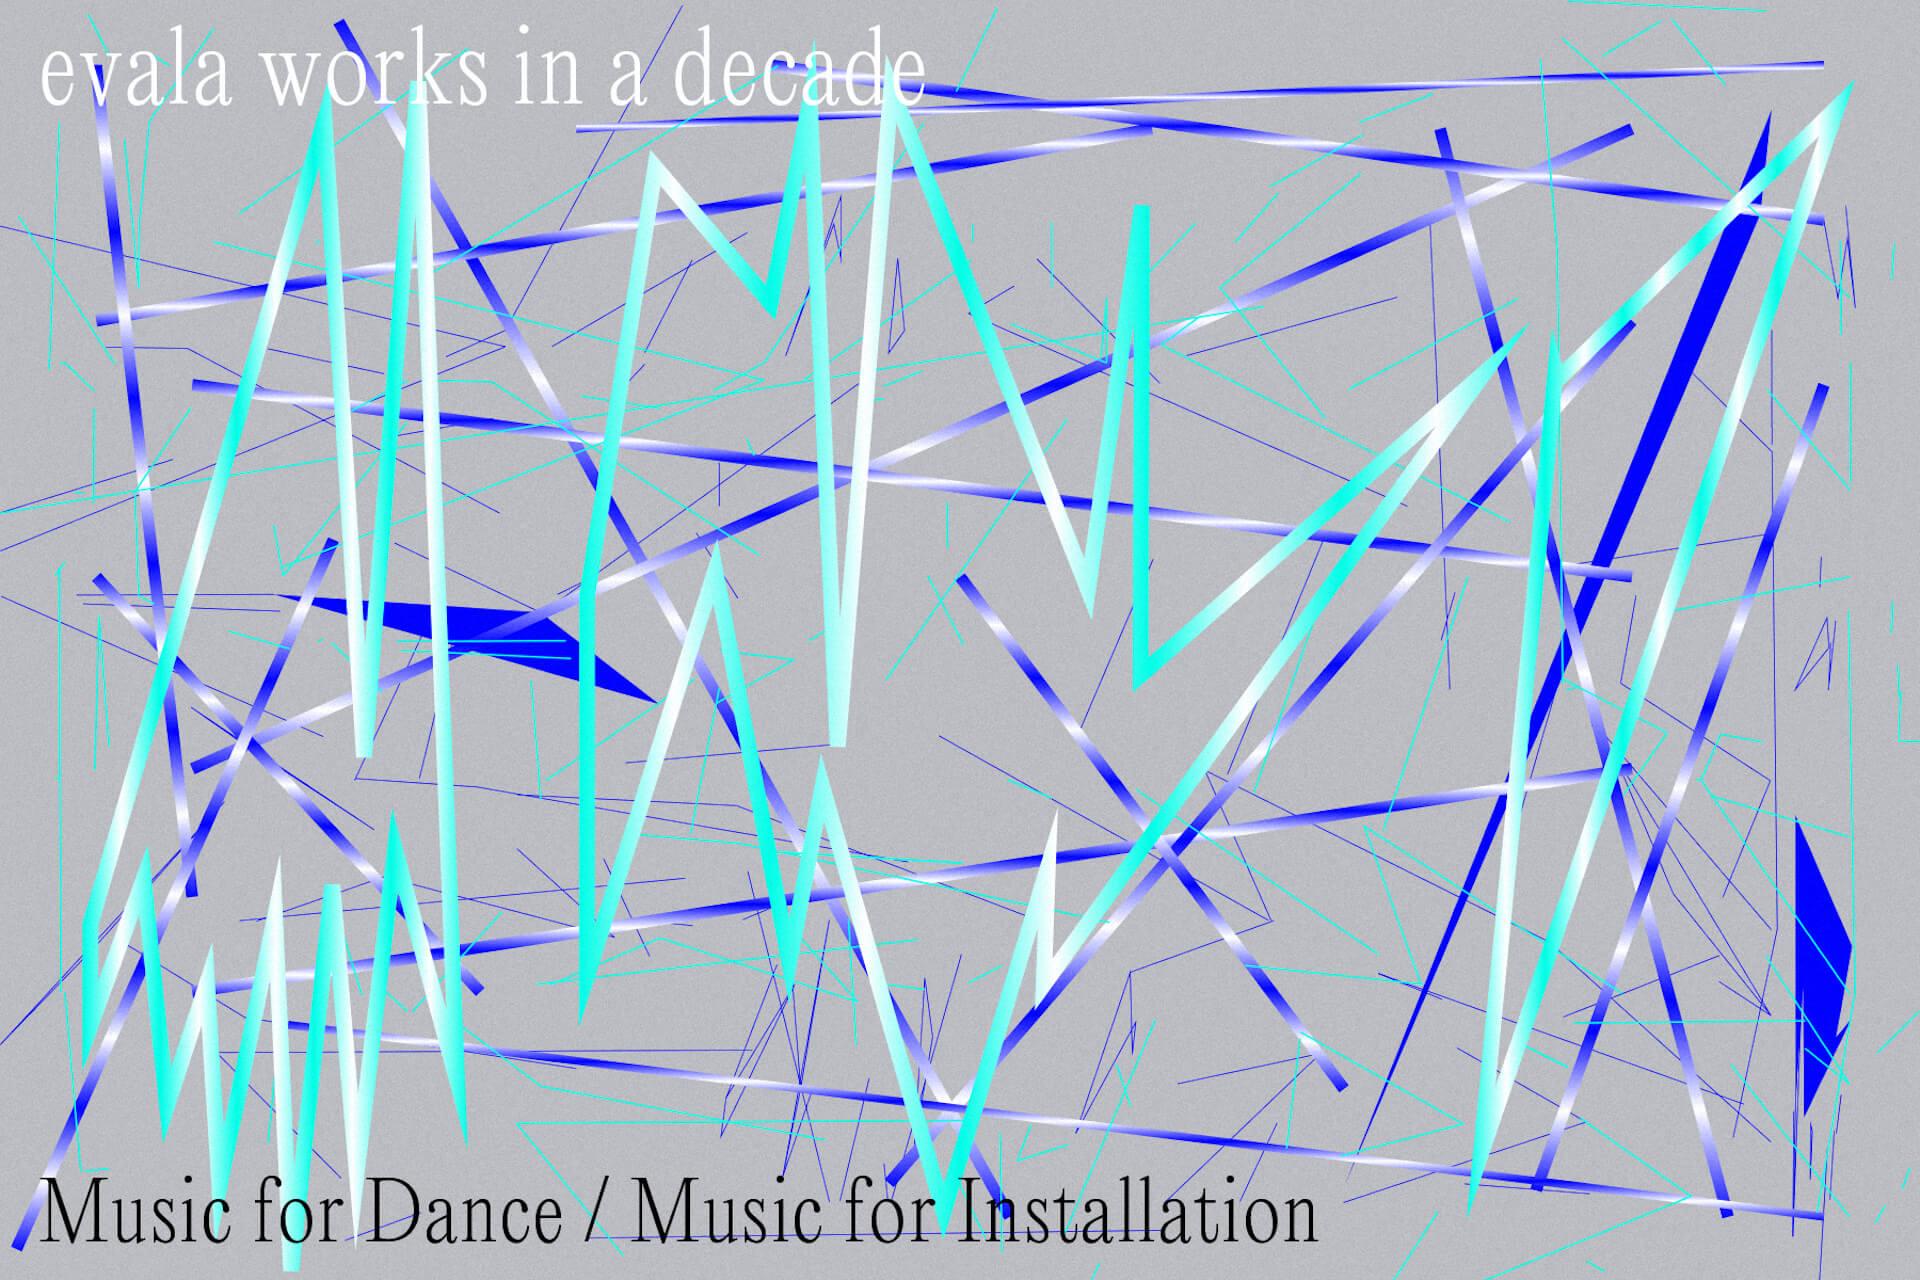 evalaによる最新作『Inter-Scape - Grass Calls』がGINZA SIX屋上に登場!「耳で視る」音のインスタレーションが公開中 art201209_evala-02